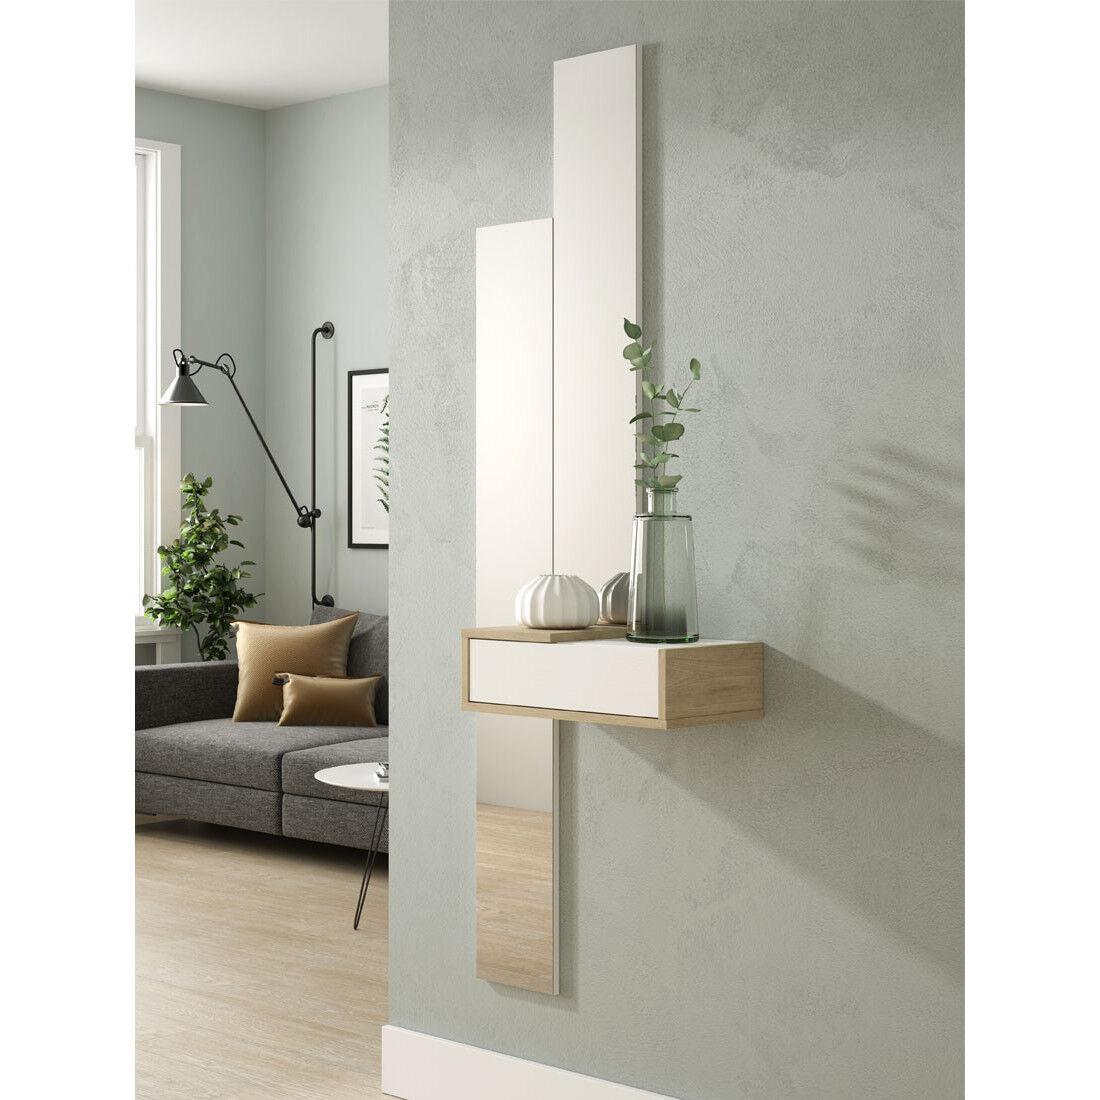 Tousmesmeubles Meuble d'entrée Bois blanc/Chêne blond + miroir - NYLA - L 47 x l 28 x H 15